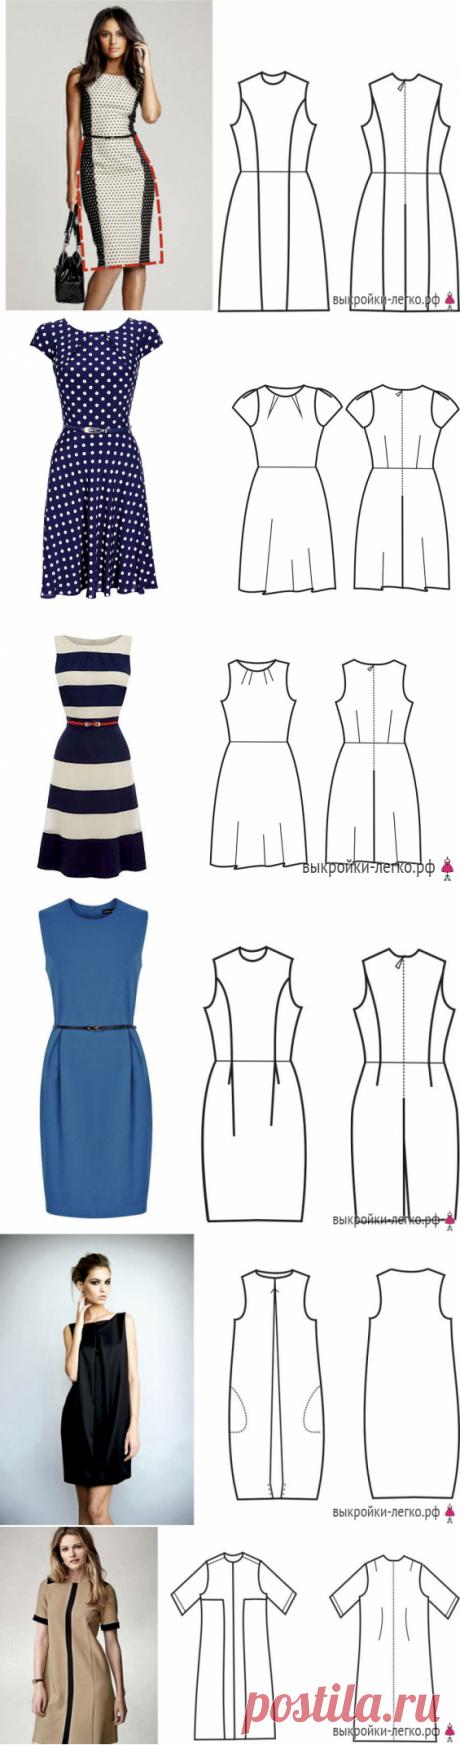 Учимся моделировать: платья на разные типы фигуры. Как подчеркнуть достоинства?!